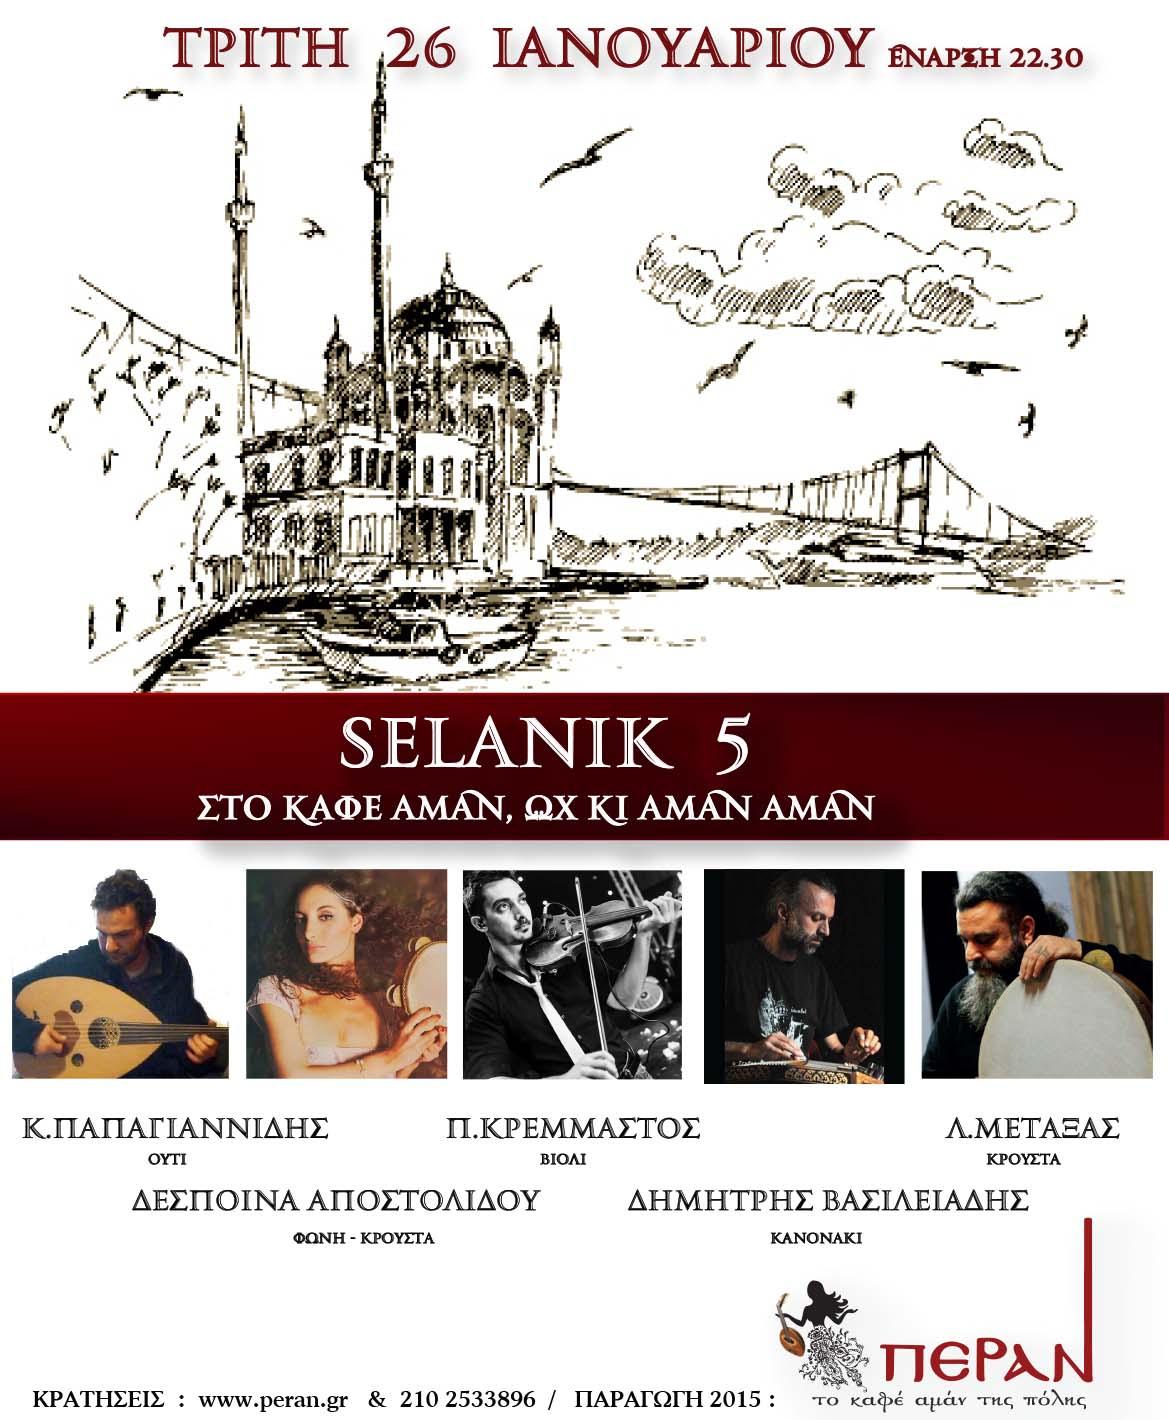 Selanik5